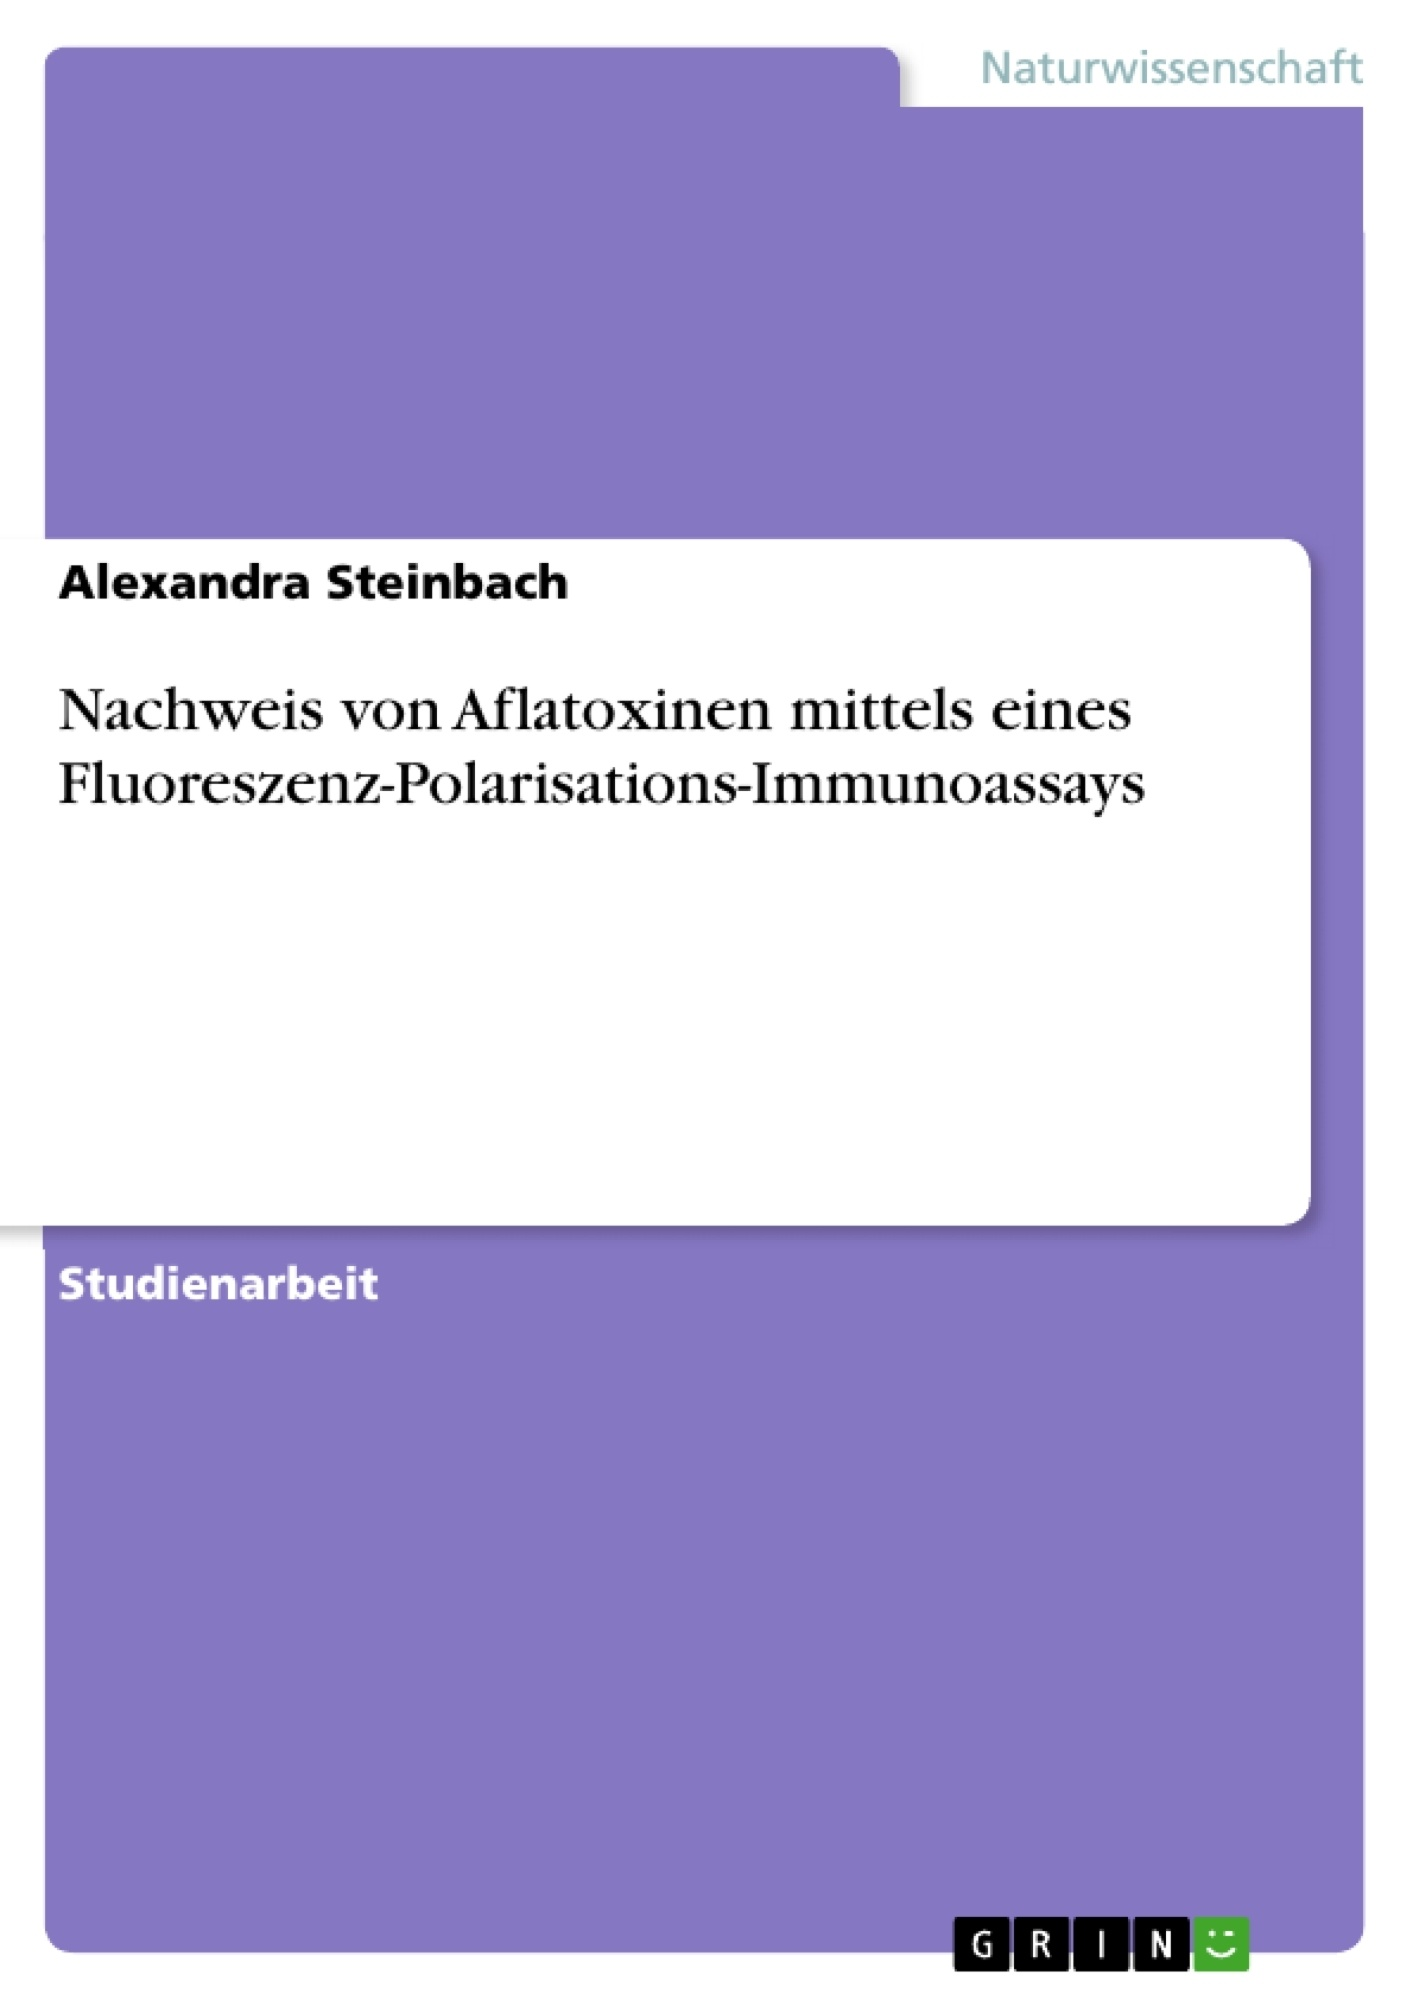 Titel: Nachweis von Aflatoxinen mittels eines Fluoreszenz-Polarisations-Immunoassays